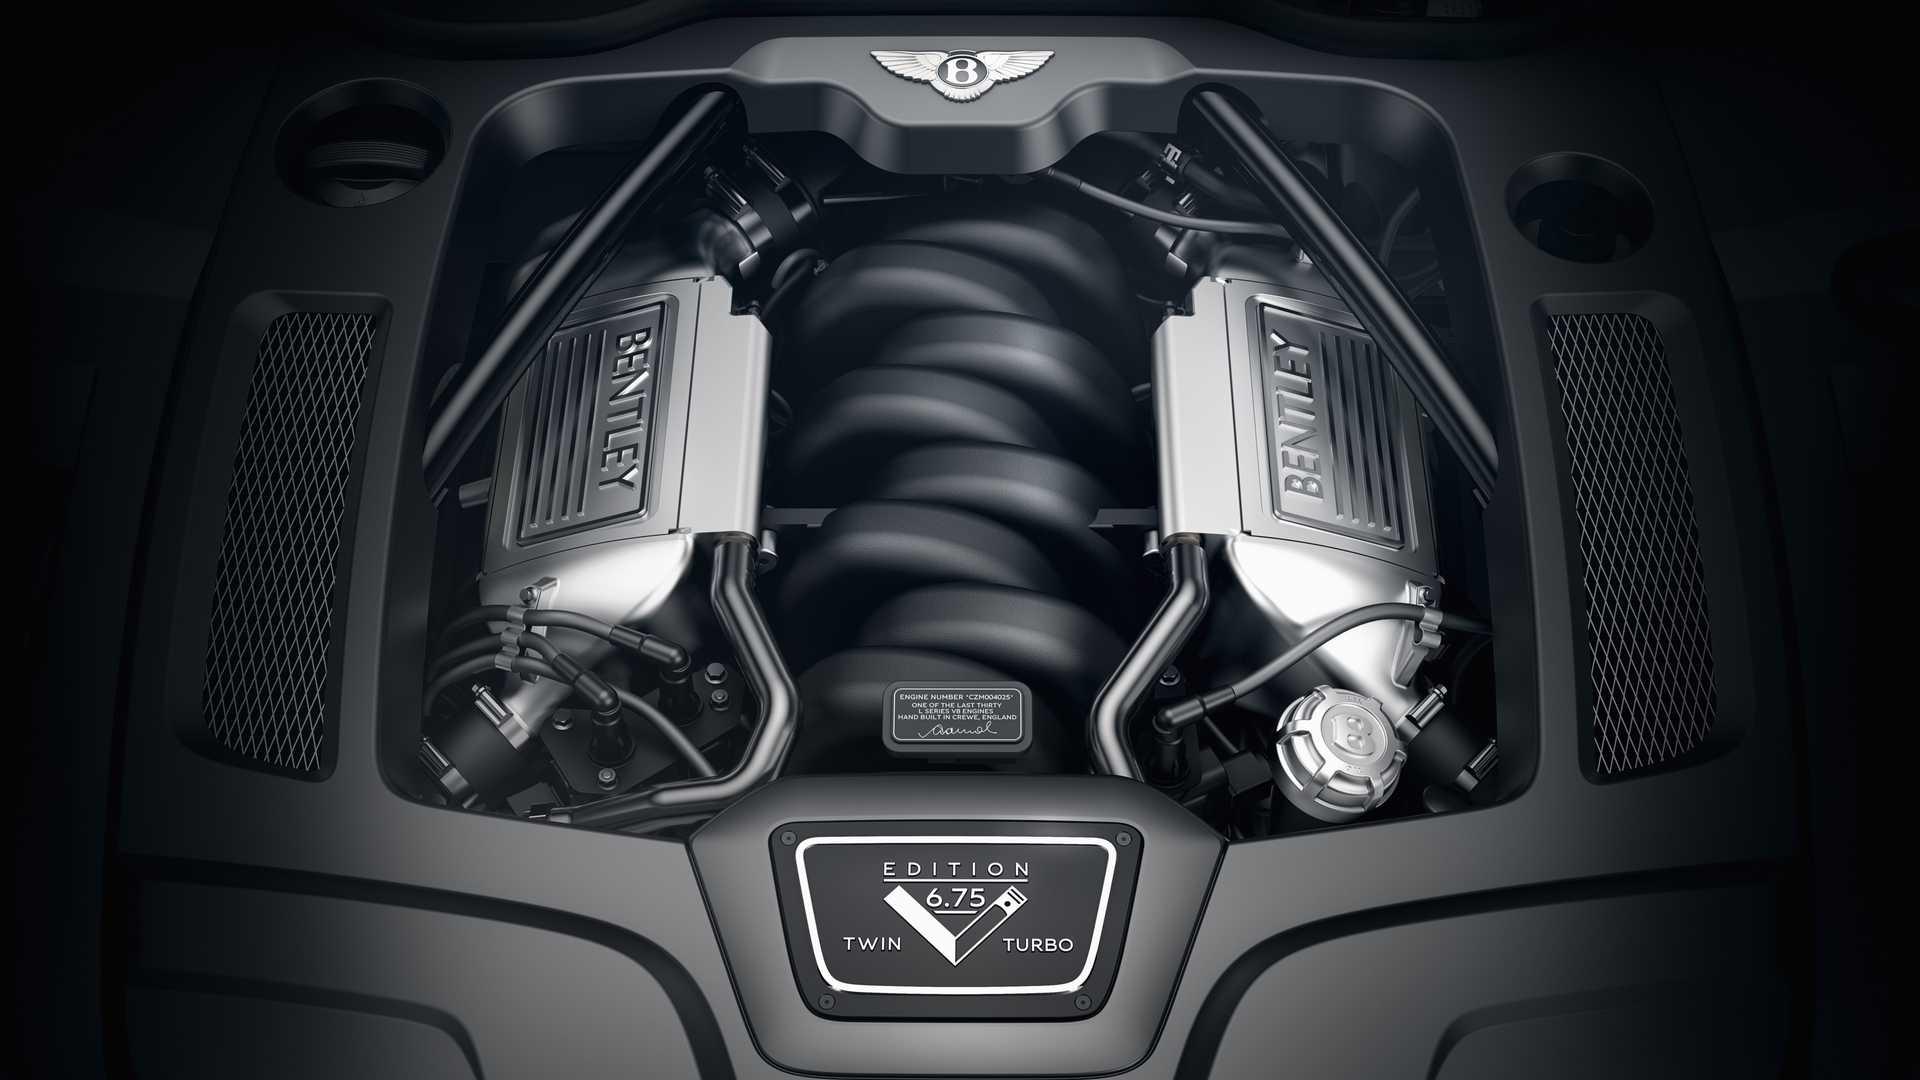 Bentley Mulsanne 6.75 Edition, mạnh 530 mã lực, phiên bản giới hạn 50 chiếc - 5